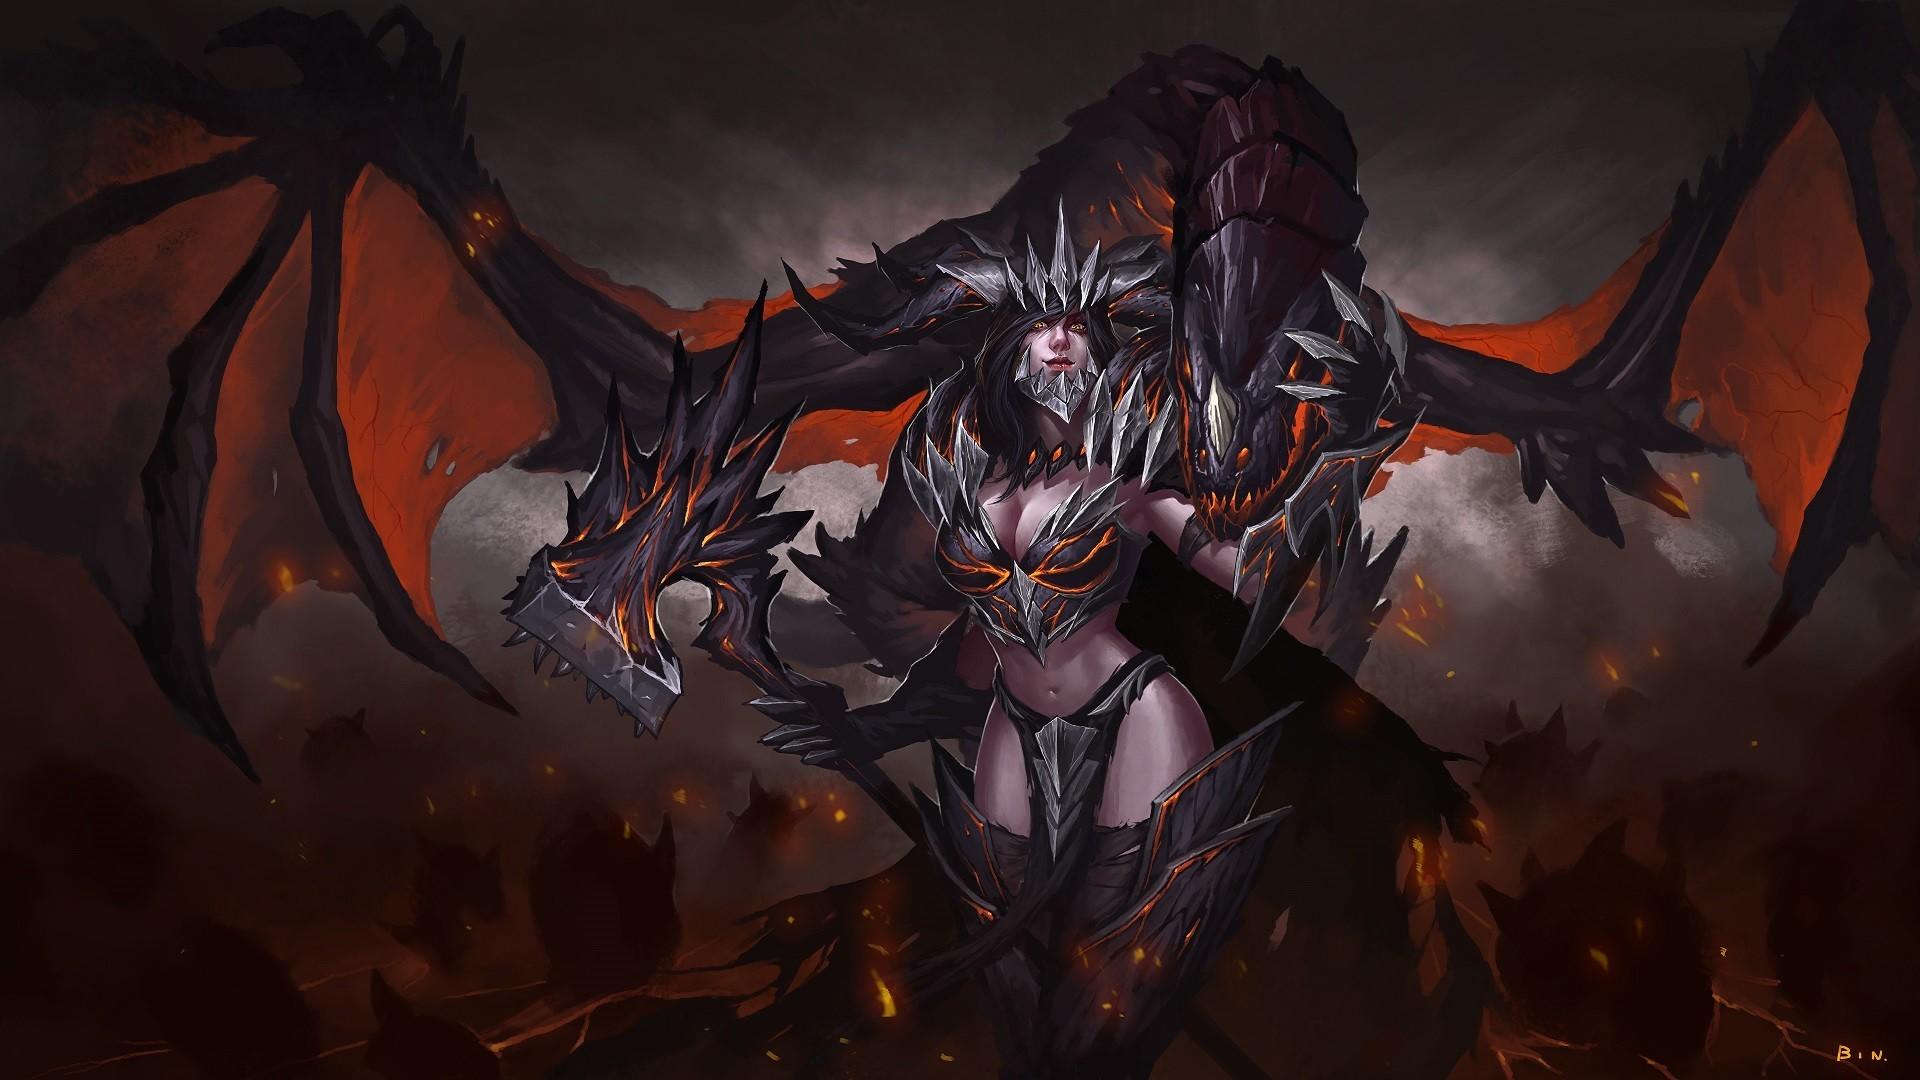 Wallpaper Dark Fantasy Fantasy Art Fantasy Girl 1920x1080